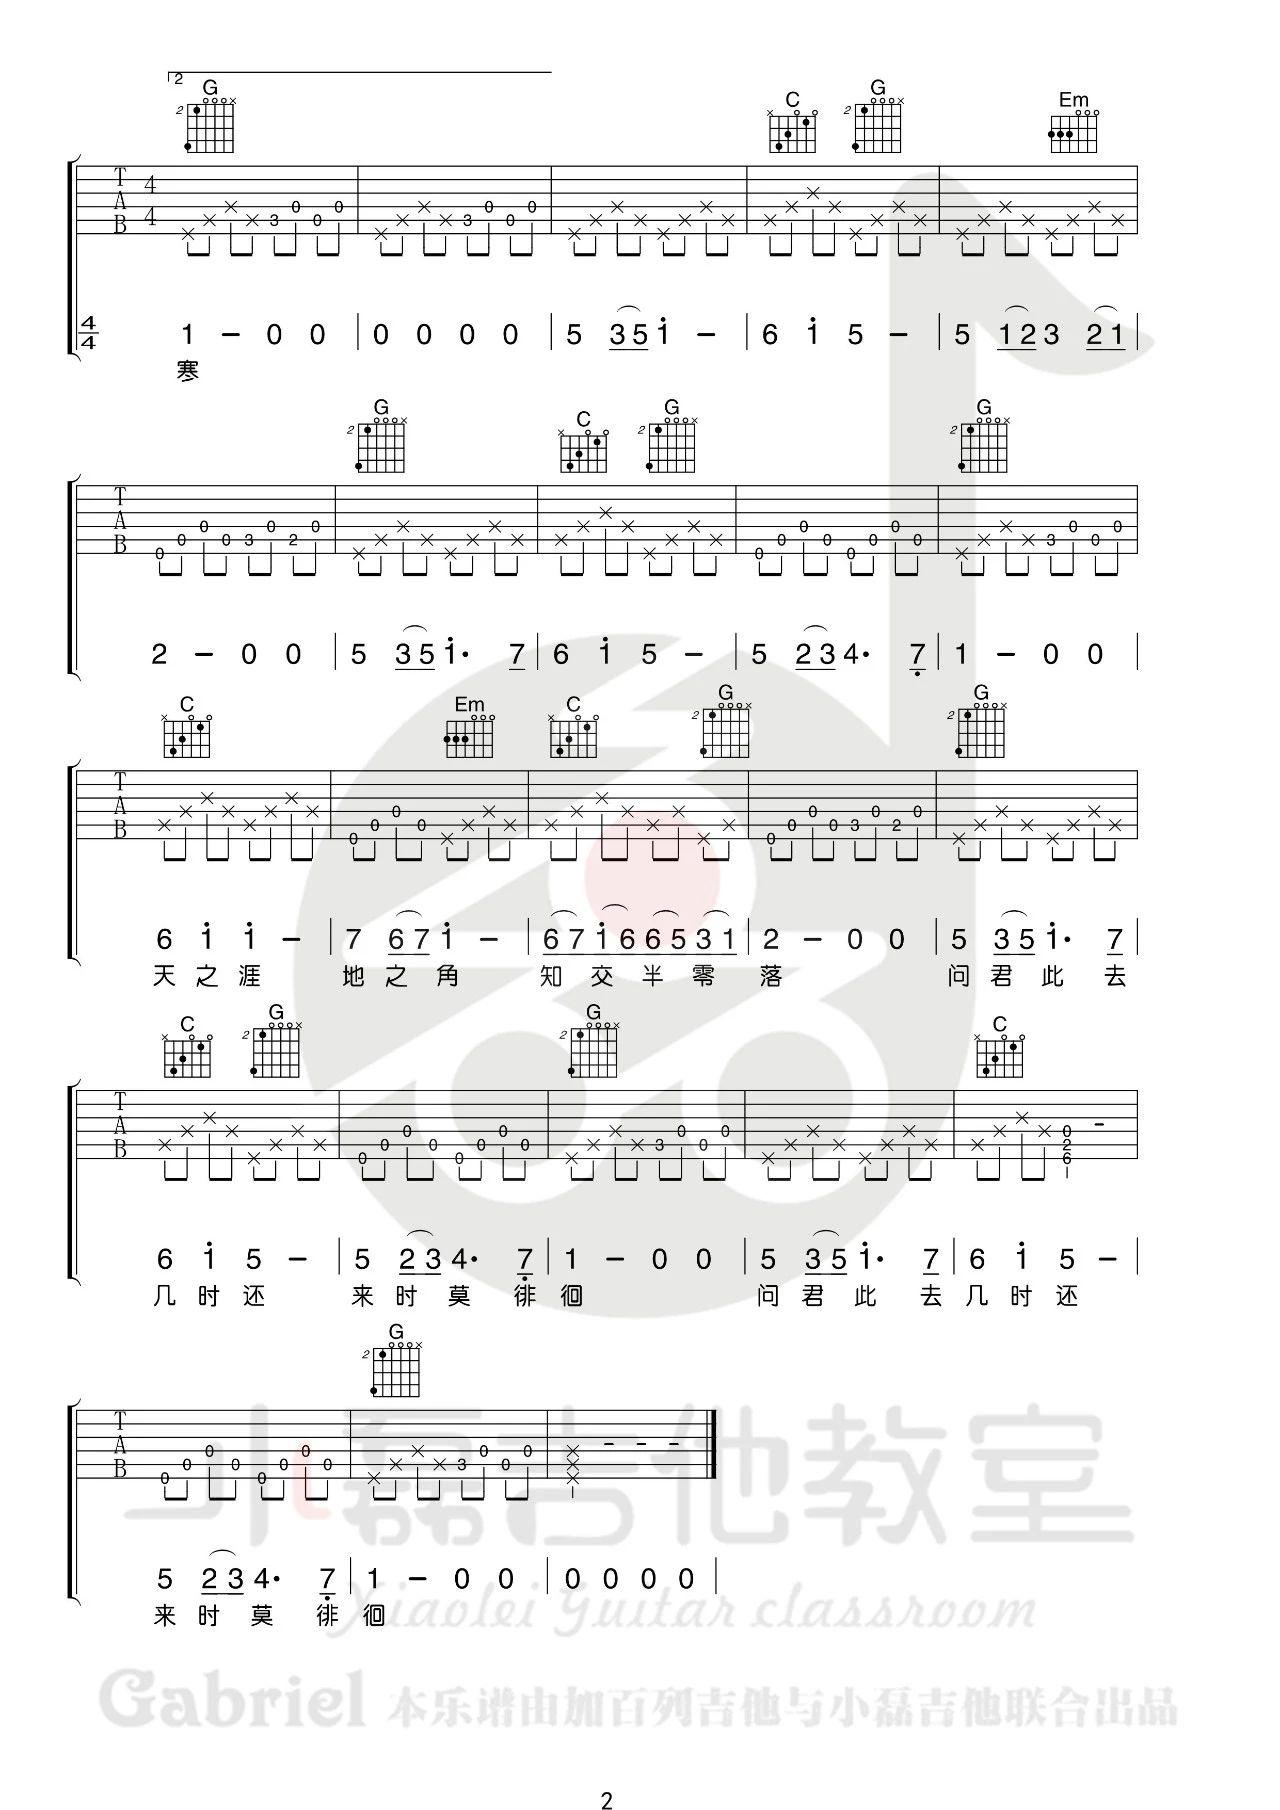 吉他派《送别》吉他谱-2